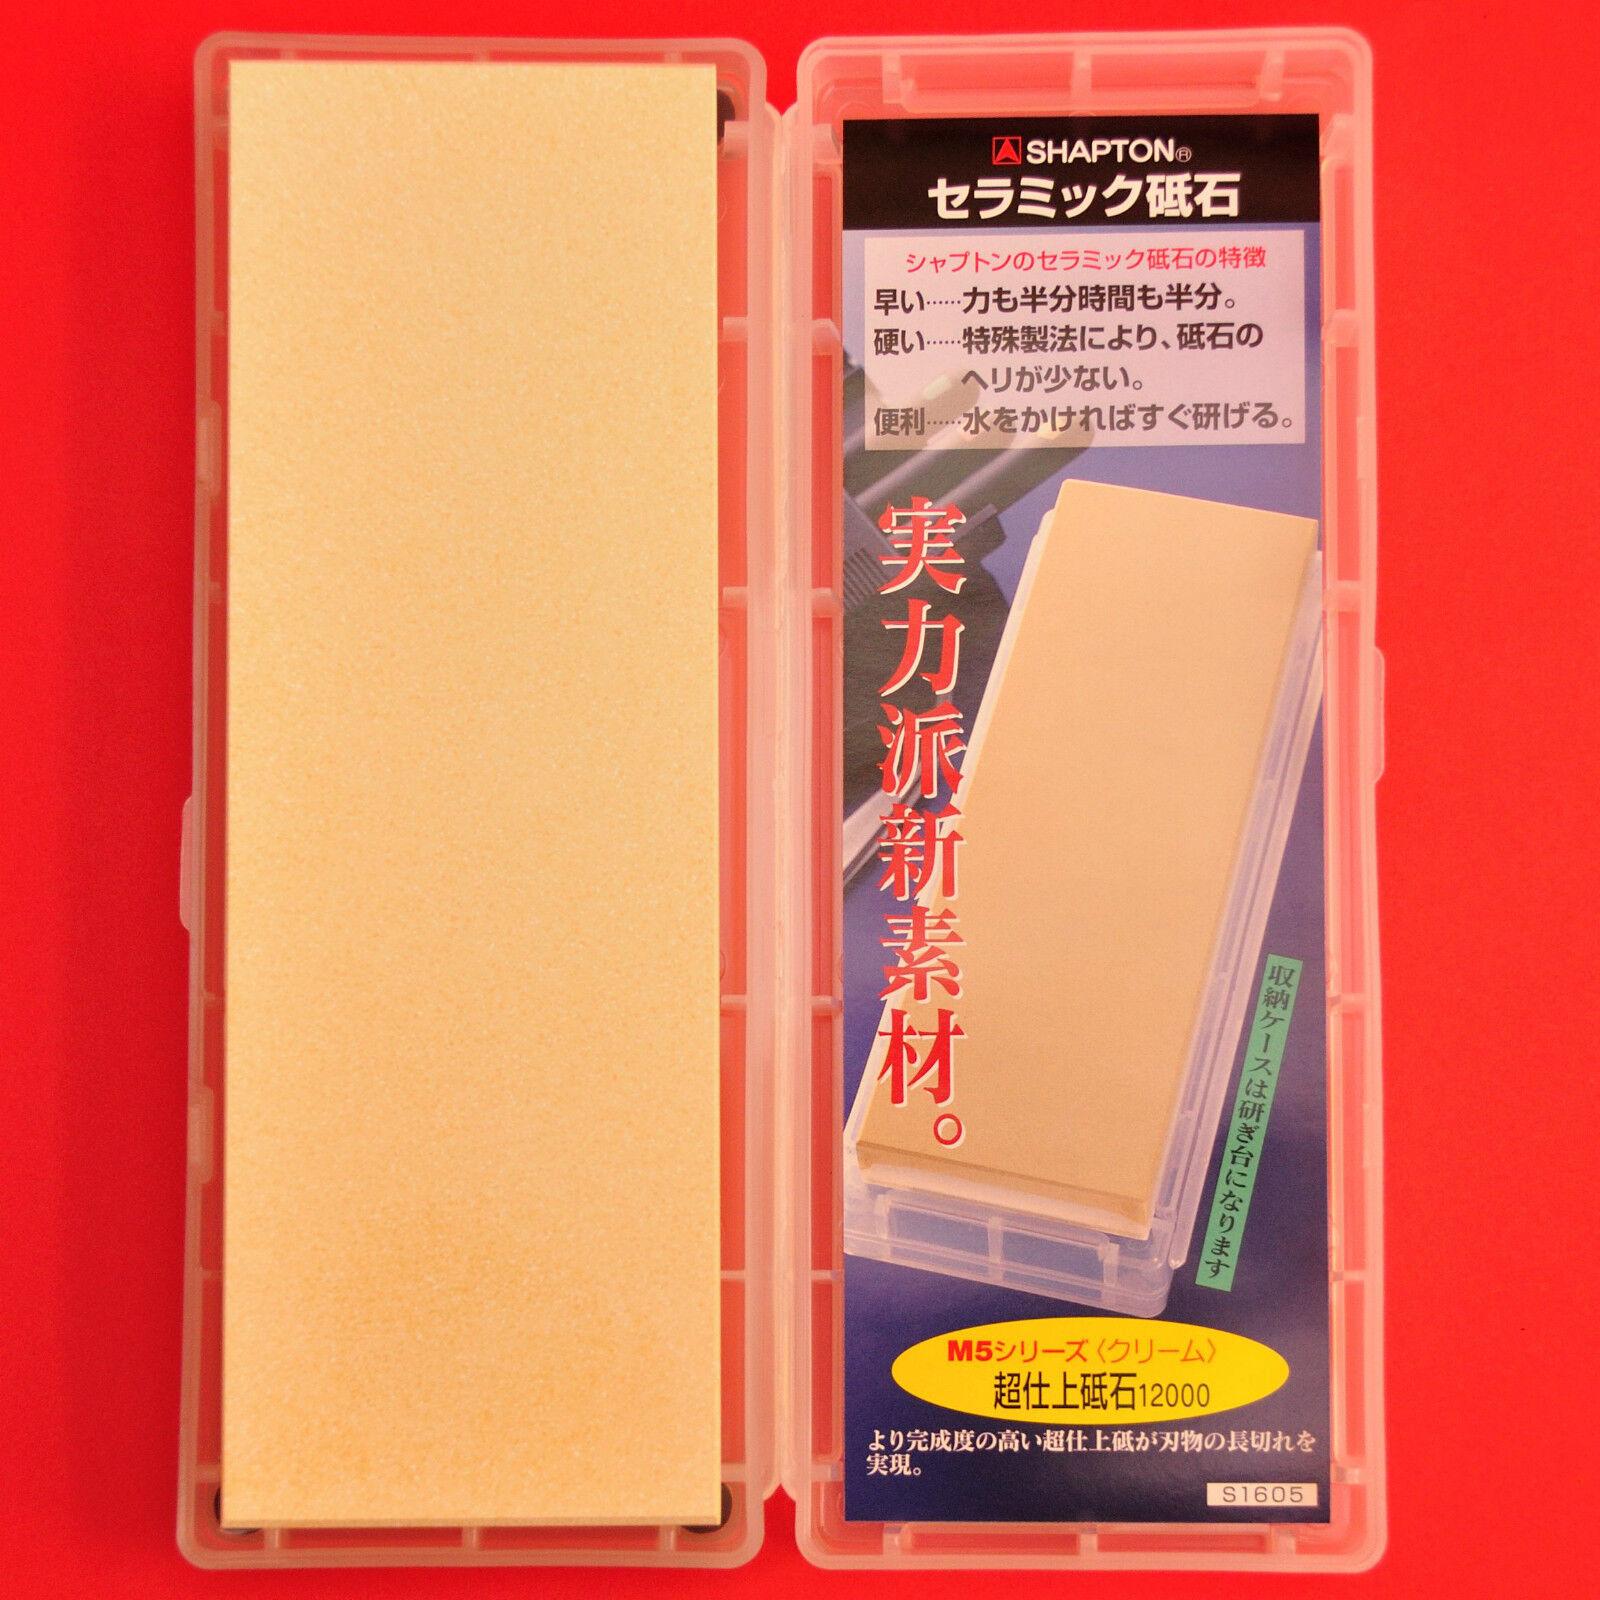 Pierre eau aiguiser Shapton M5 céramique affuter affutage couteau Japonais 12000